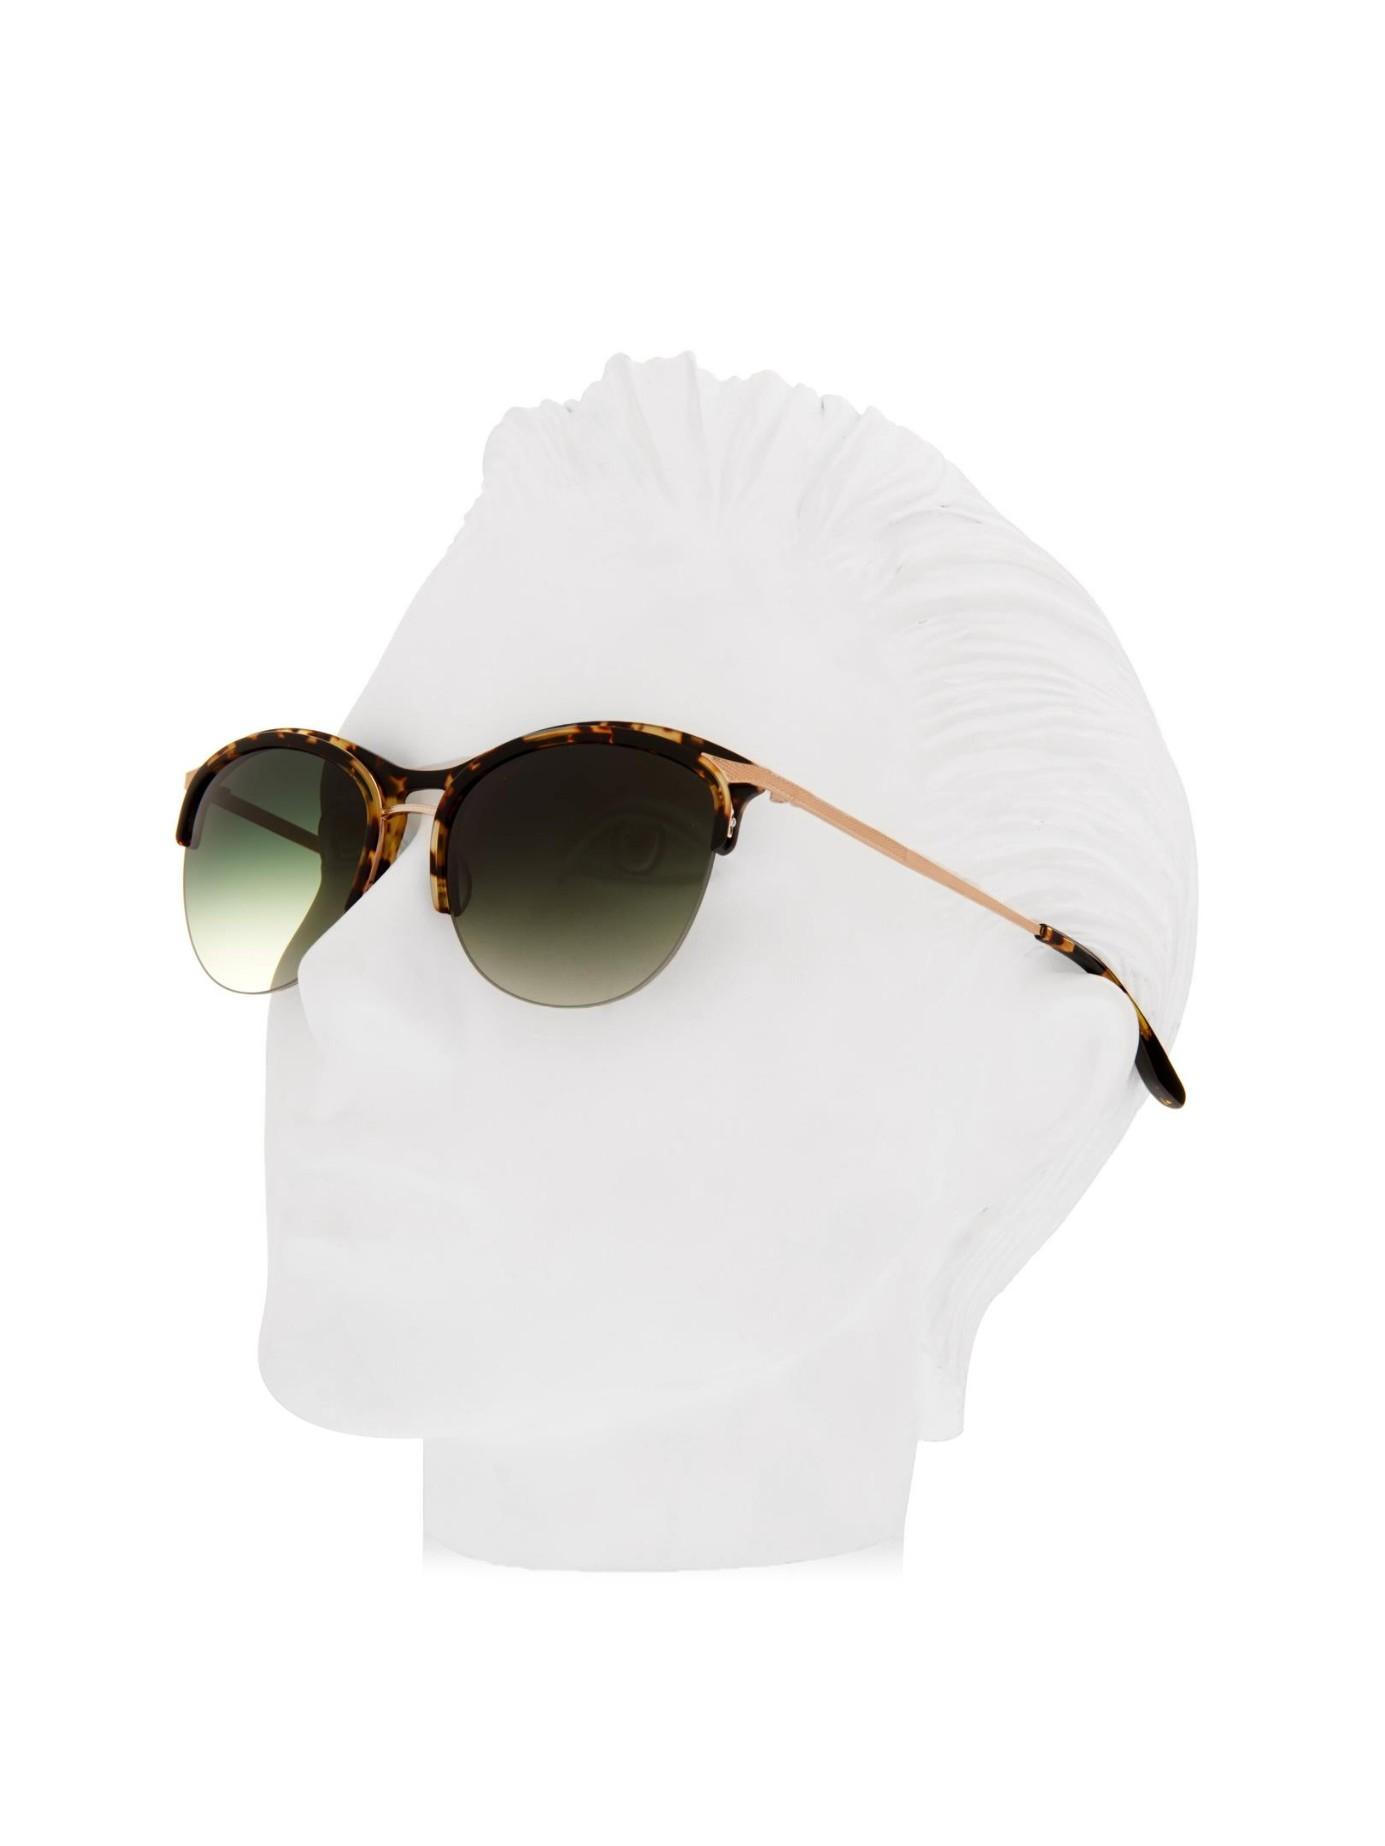 Seraphina Frame Perreira Half Sunglasses Barton Multicolor On8m0vNw